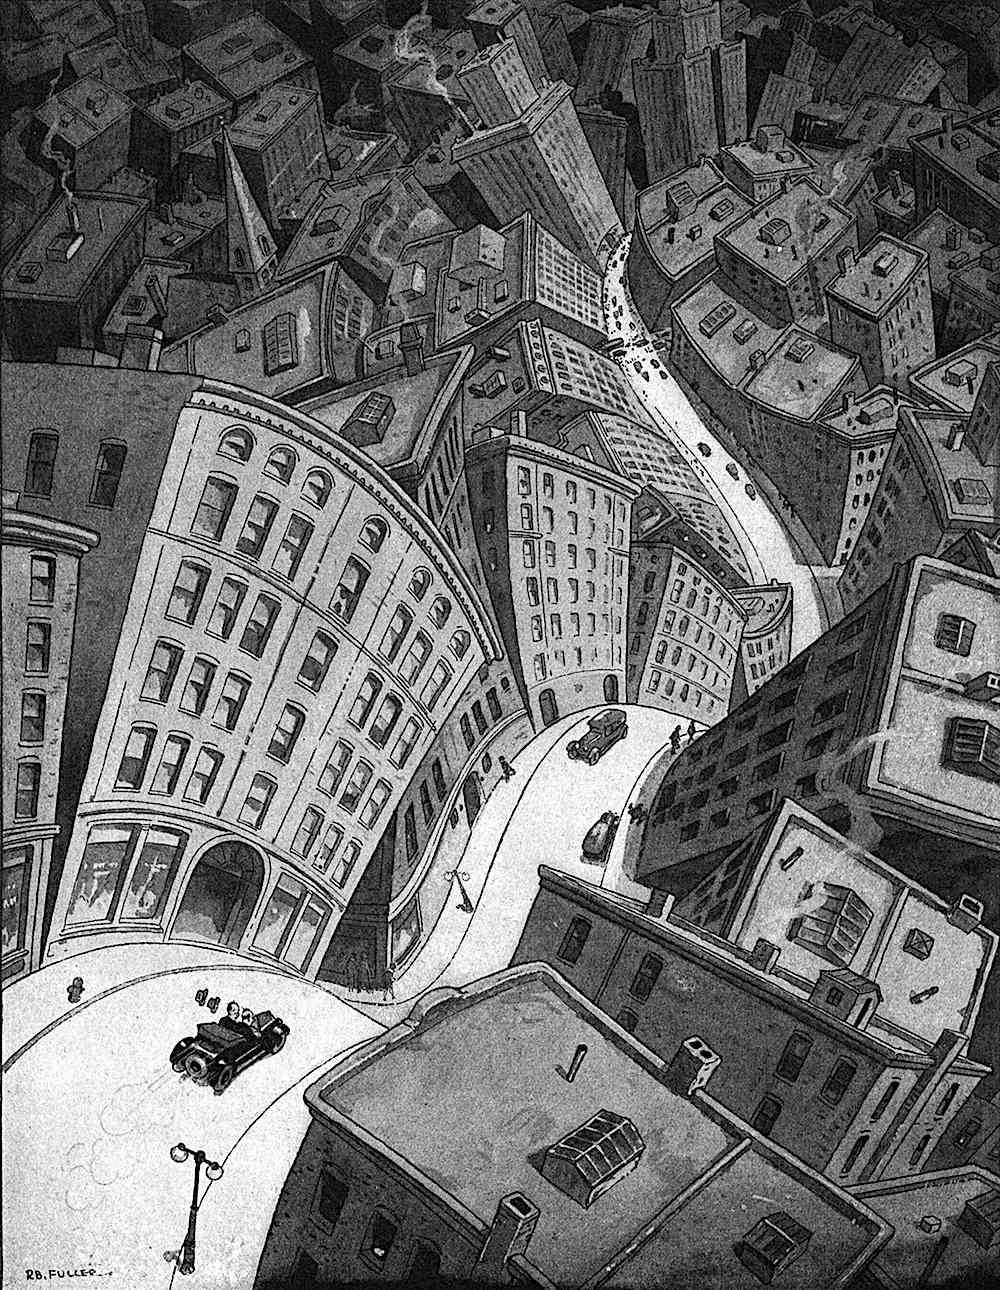 a 1928 illustration of urban vertigo by R.B. Fuller